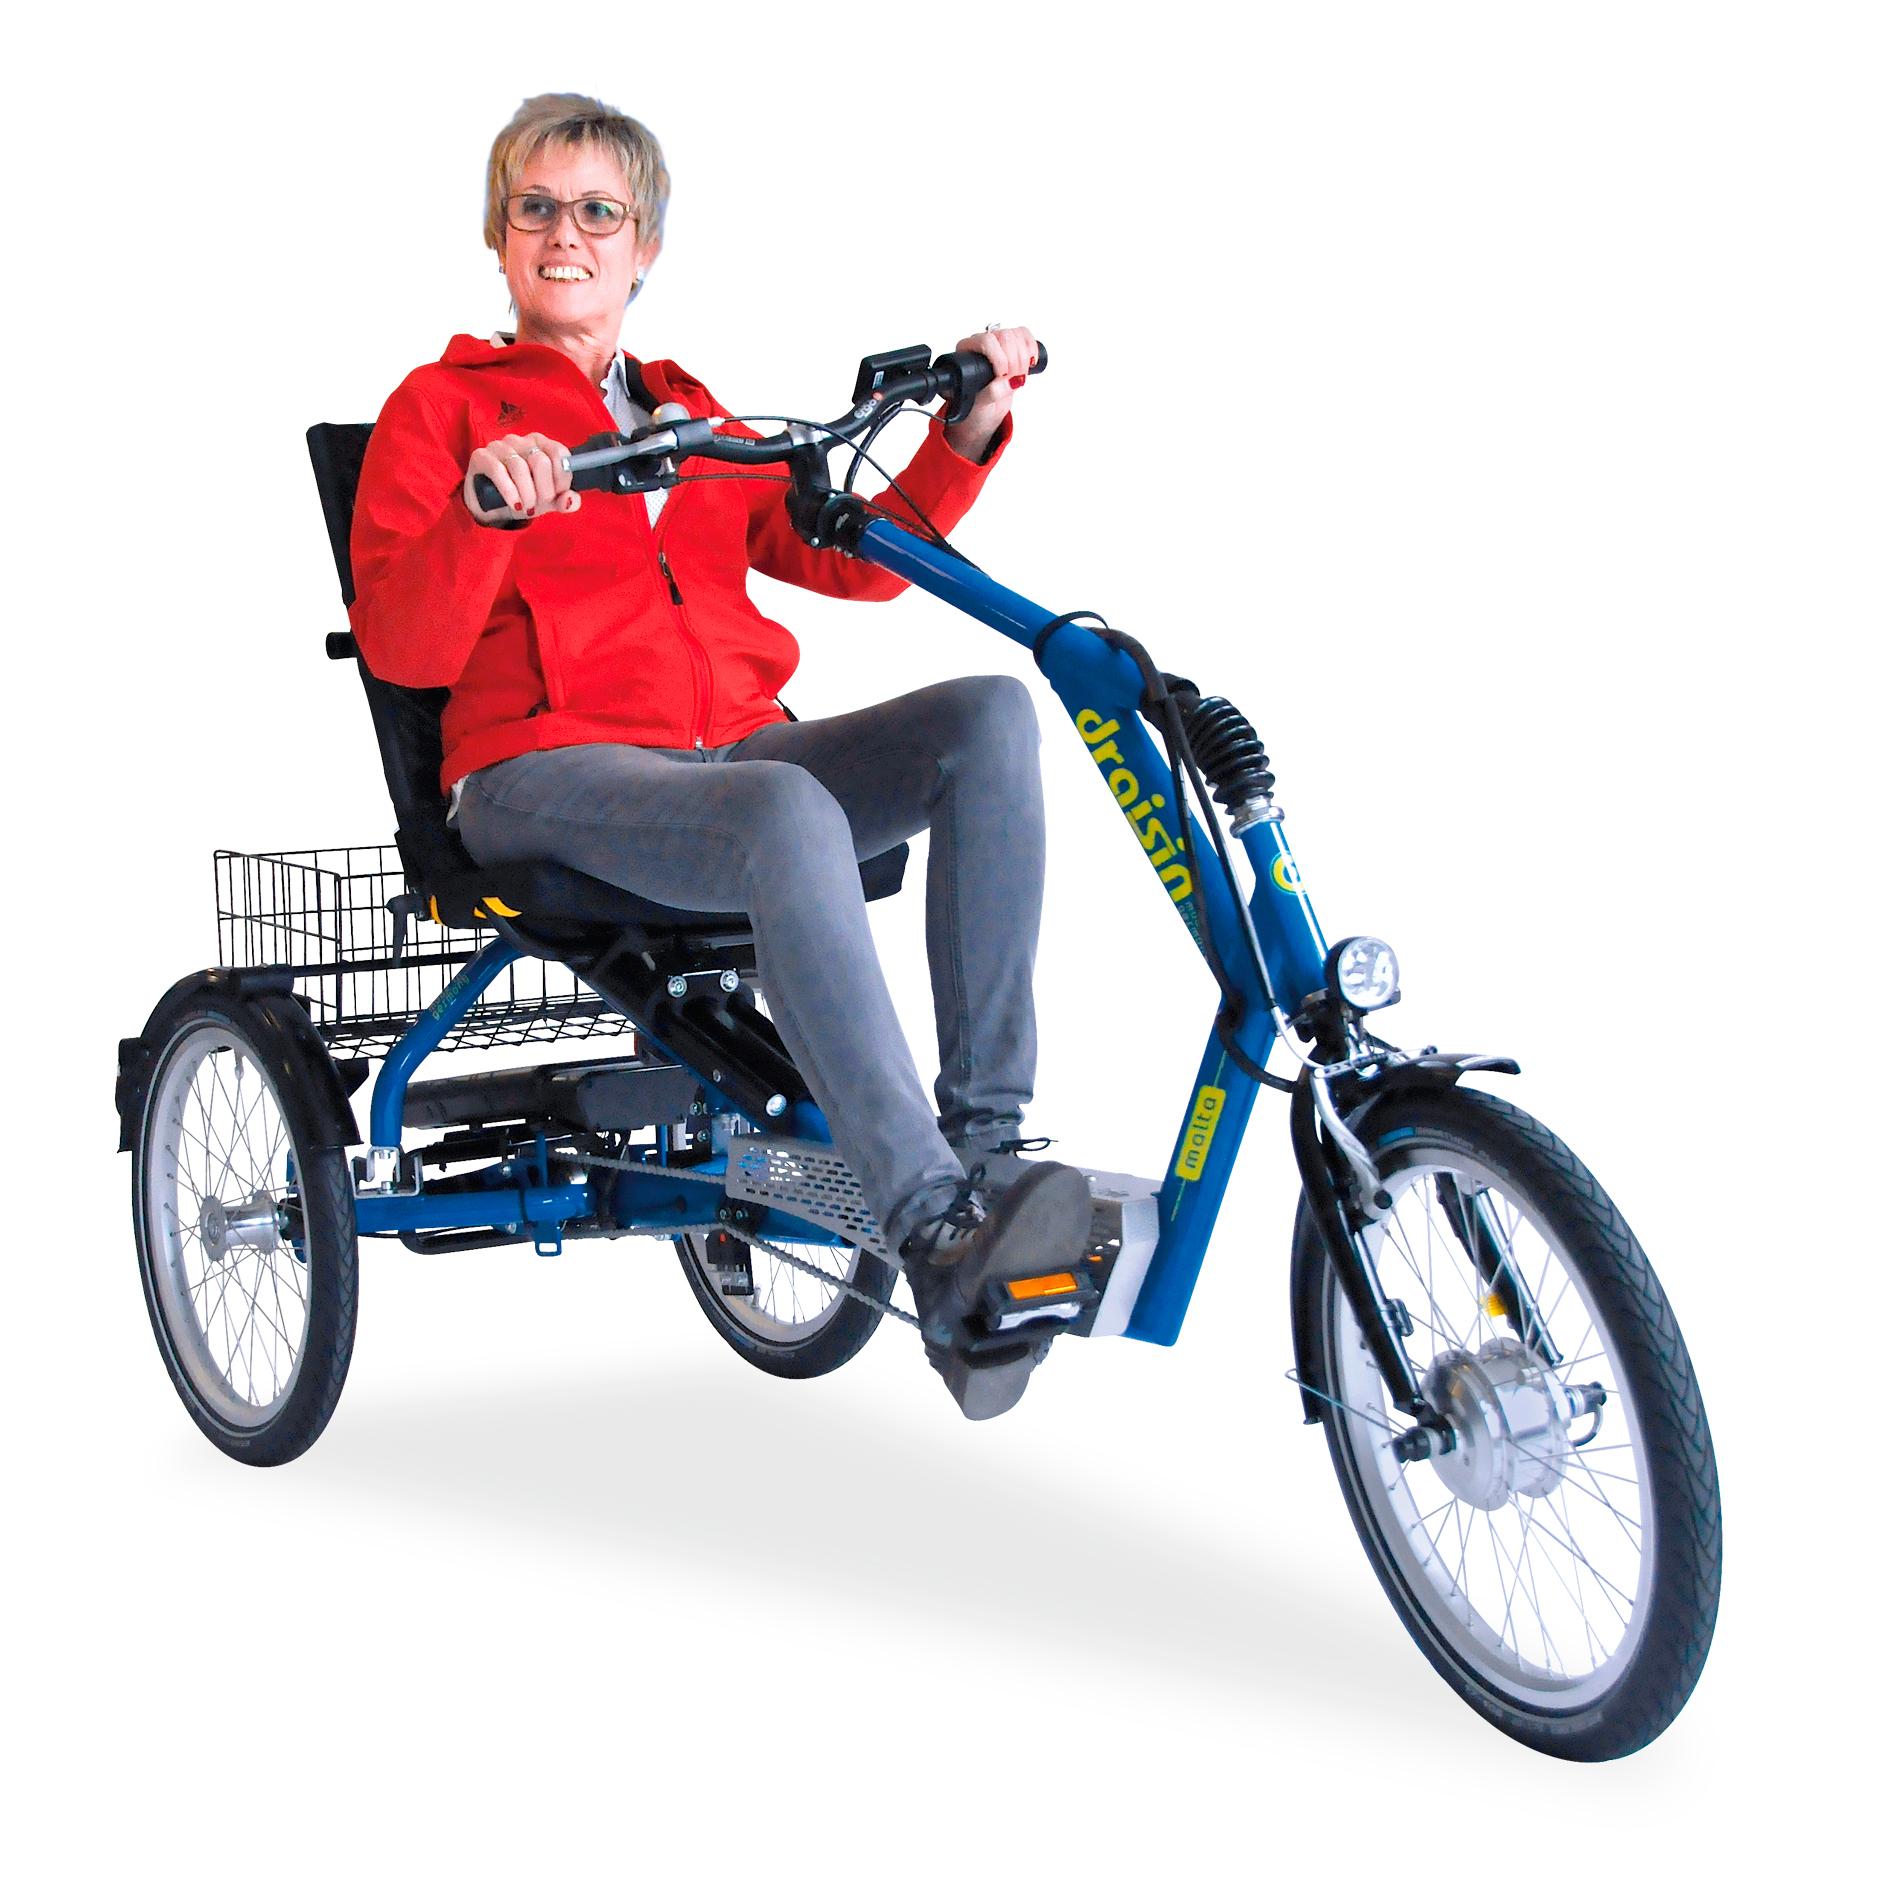 Gebraucht dreirad erwachsene Gebrauchte dreiräder